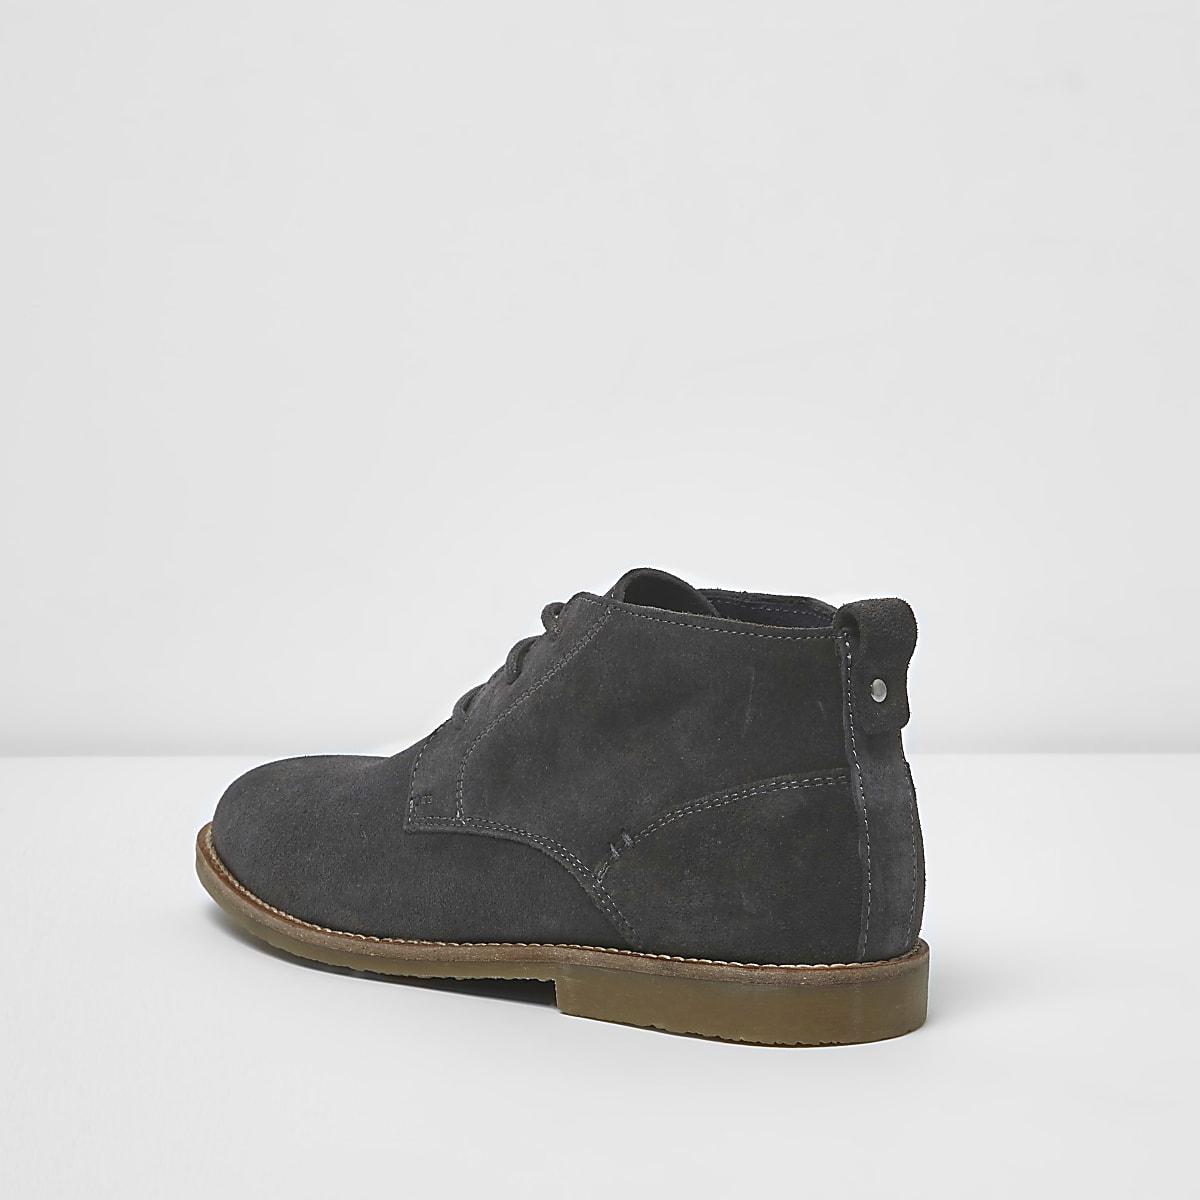 7c029f0bb6f7f5 Graue Chukkastiefel aus Wildleder - Stiefel - Schuhe   Stiefel - Herren